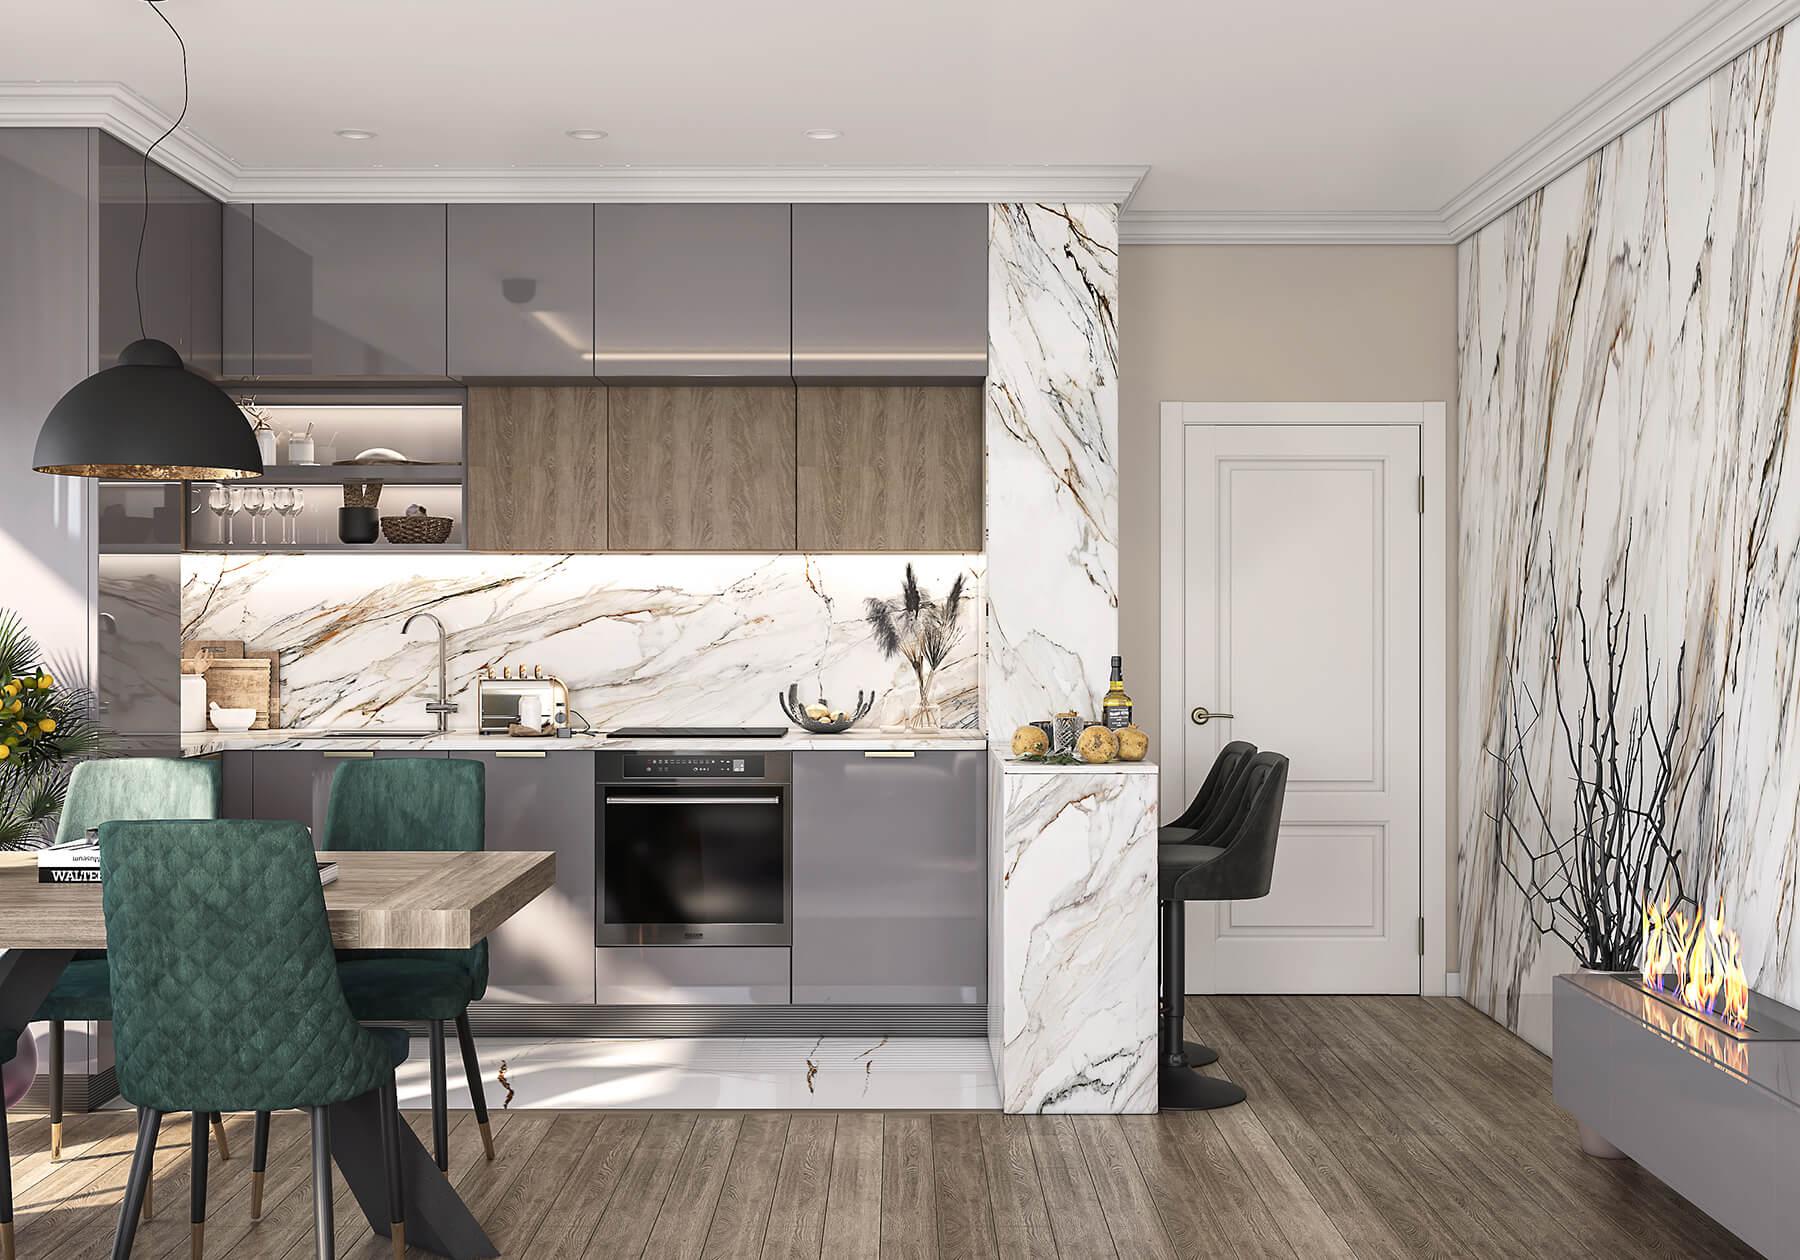 interioren-dizain-proekt-na-kuhnia-s-bar-i-trapezaria-s-trapezna-masa-2